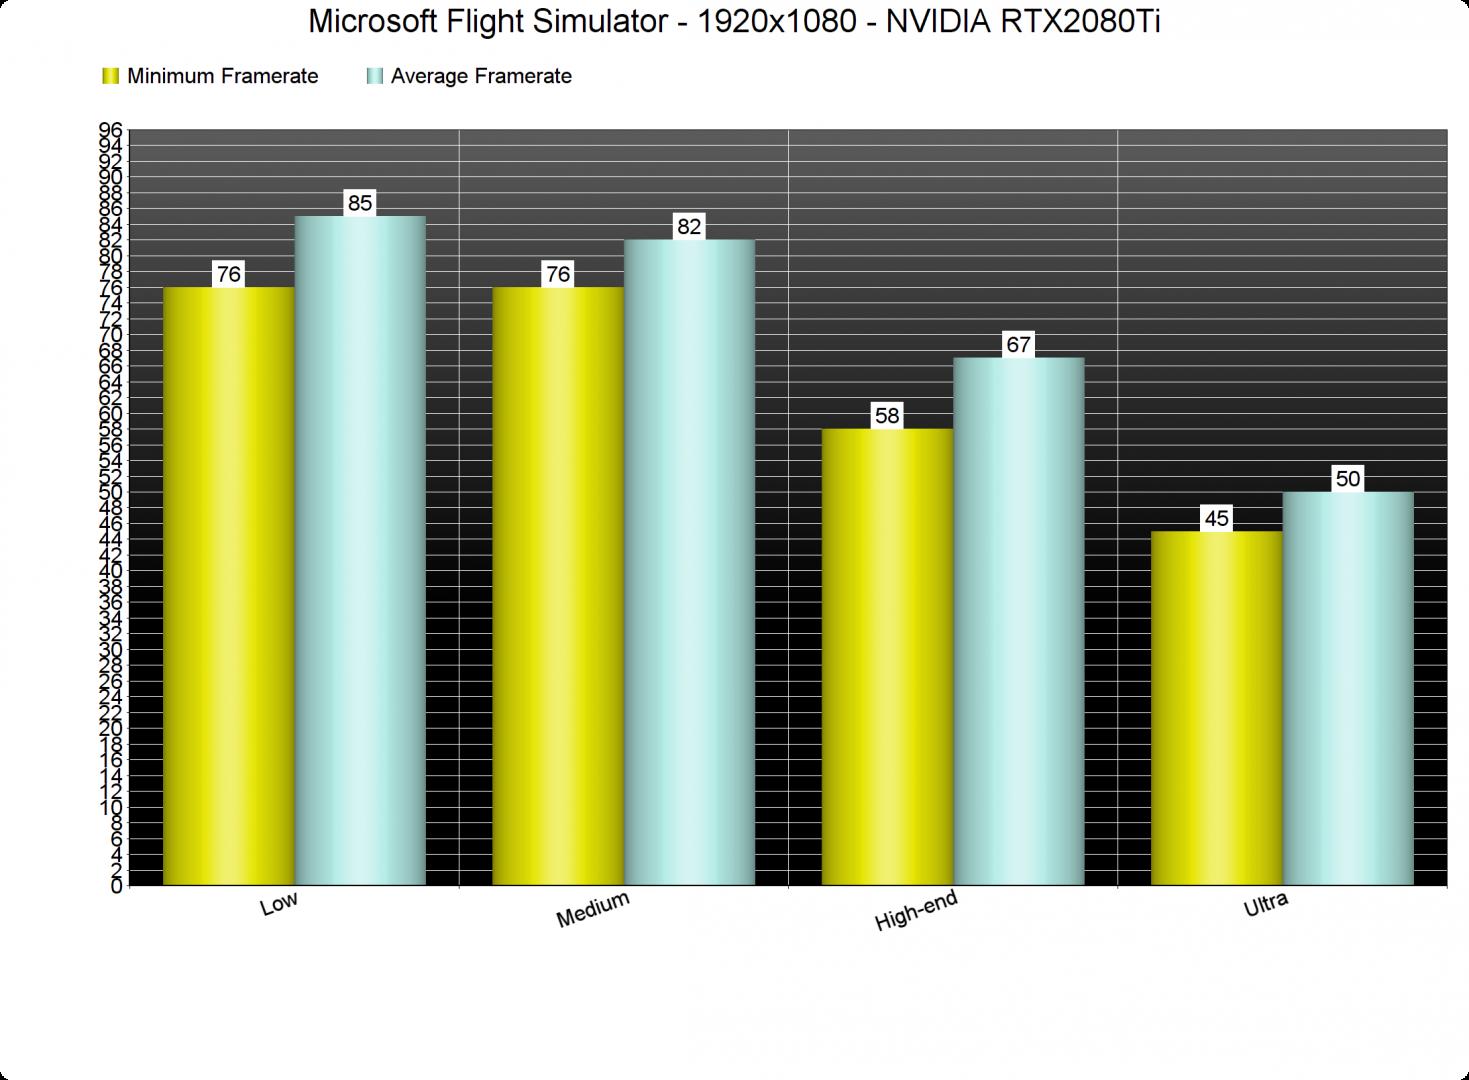 Microsoft Flight Simulator settings benchmark